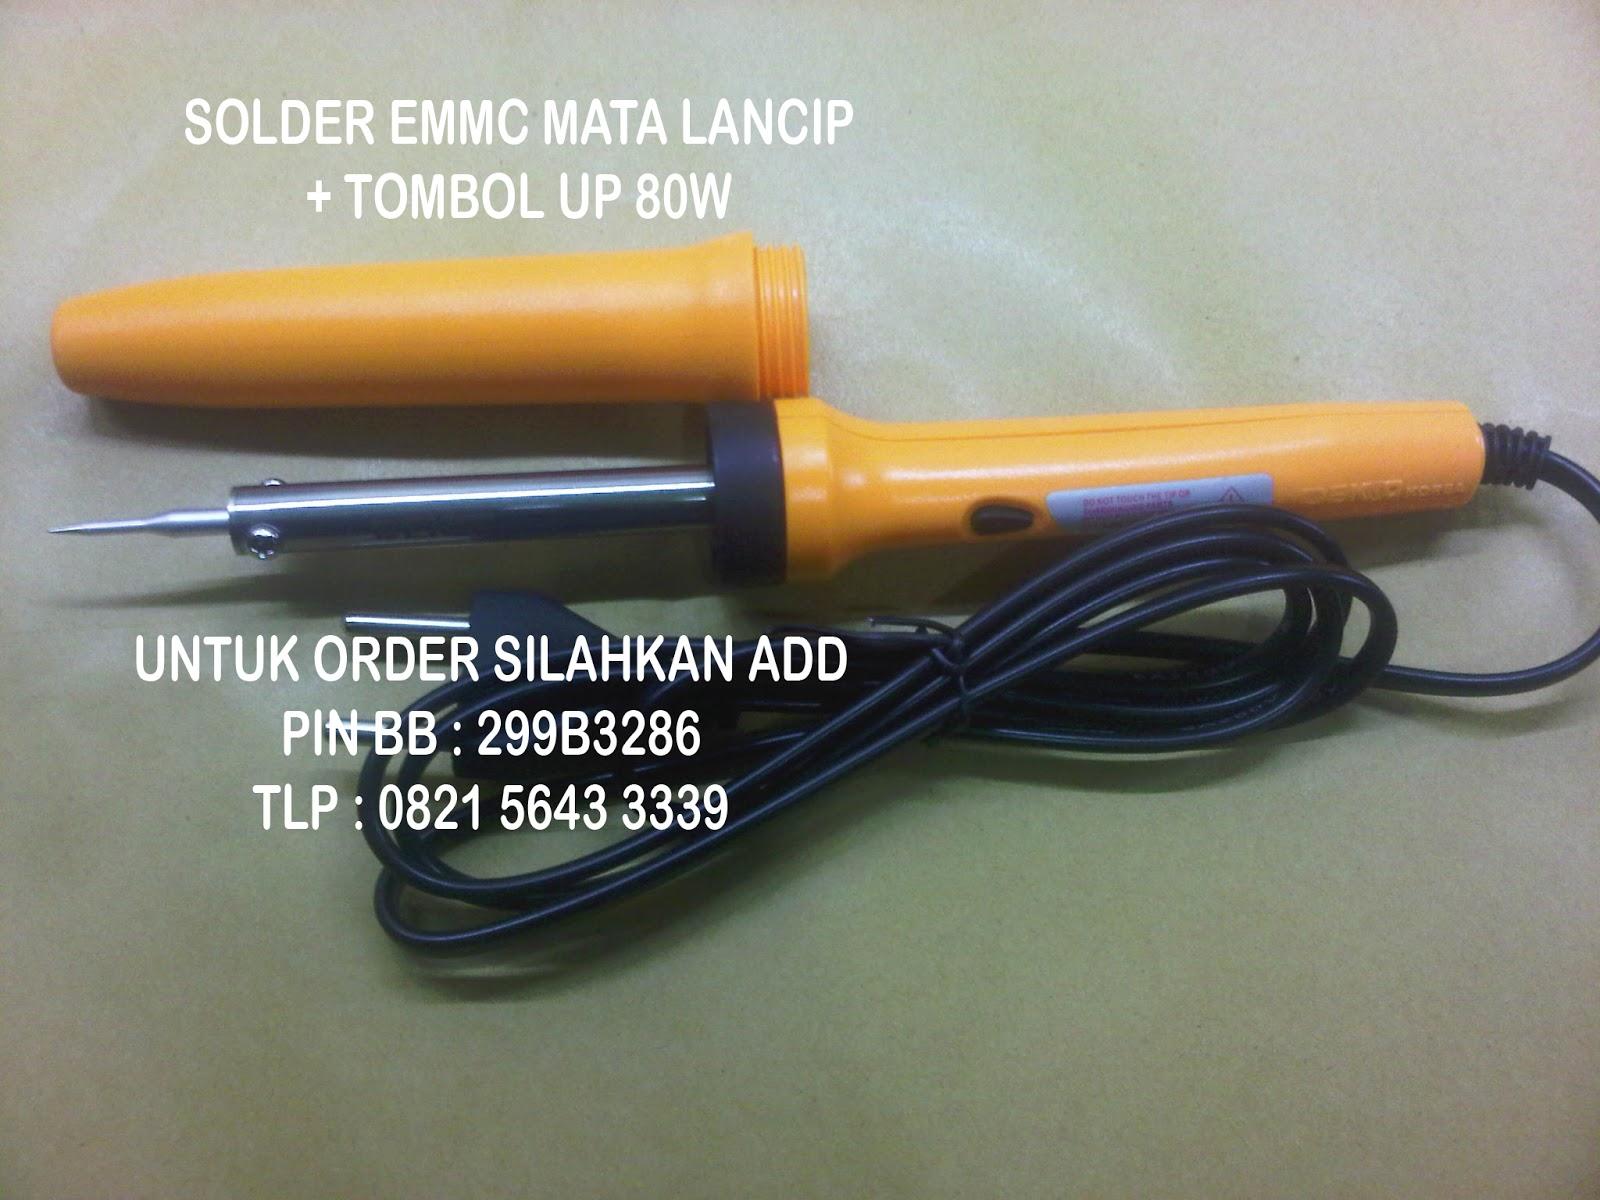 samsung e1050 схема кабеля для прошивки